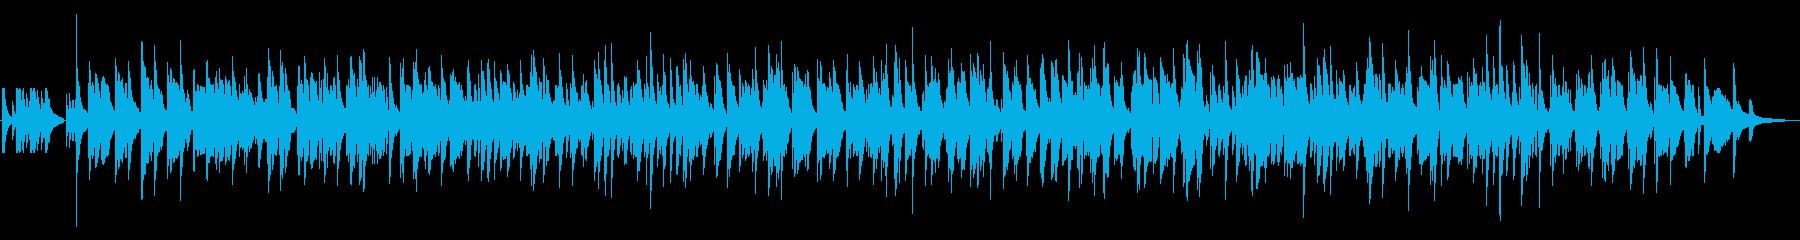 ピアノとベースのゆっくりジャズラウンジの再生済みの波形